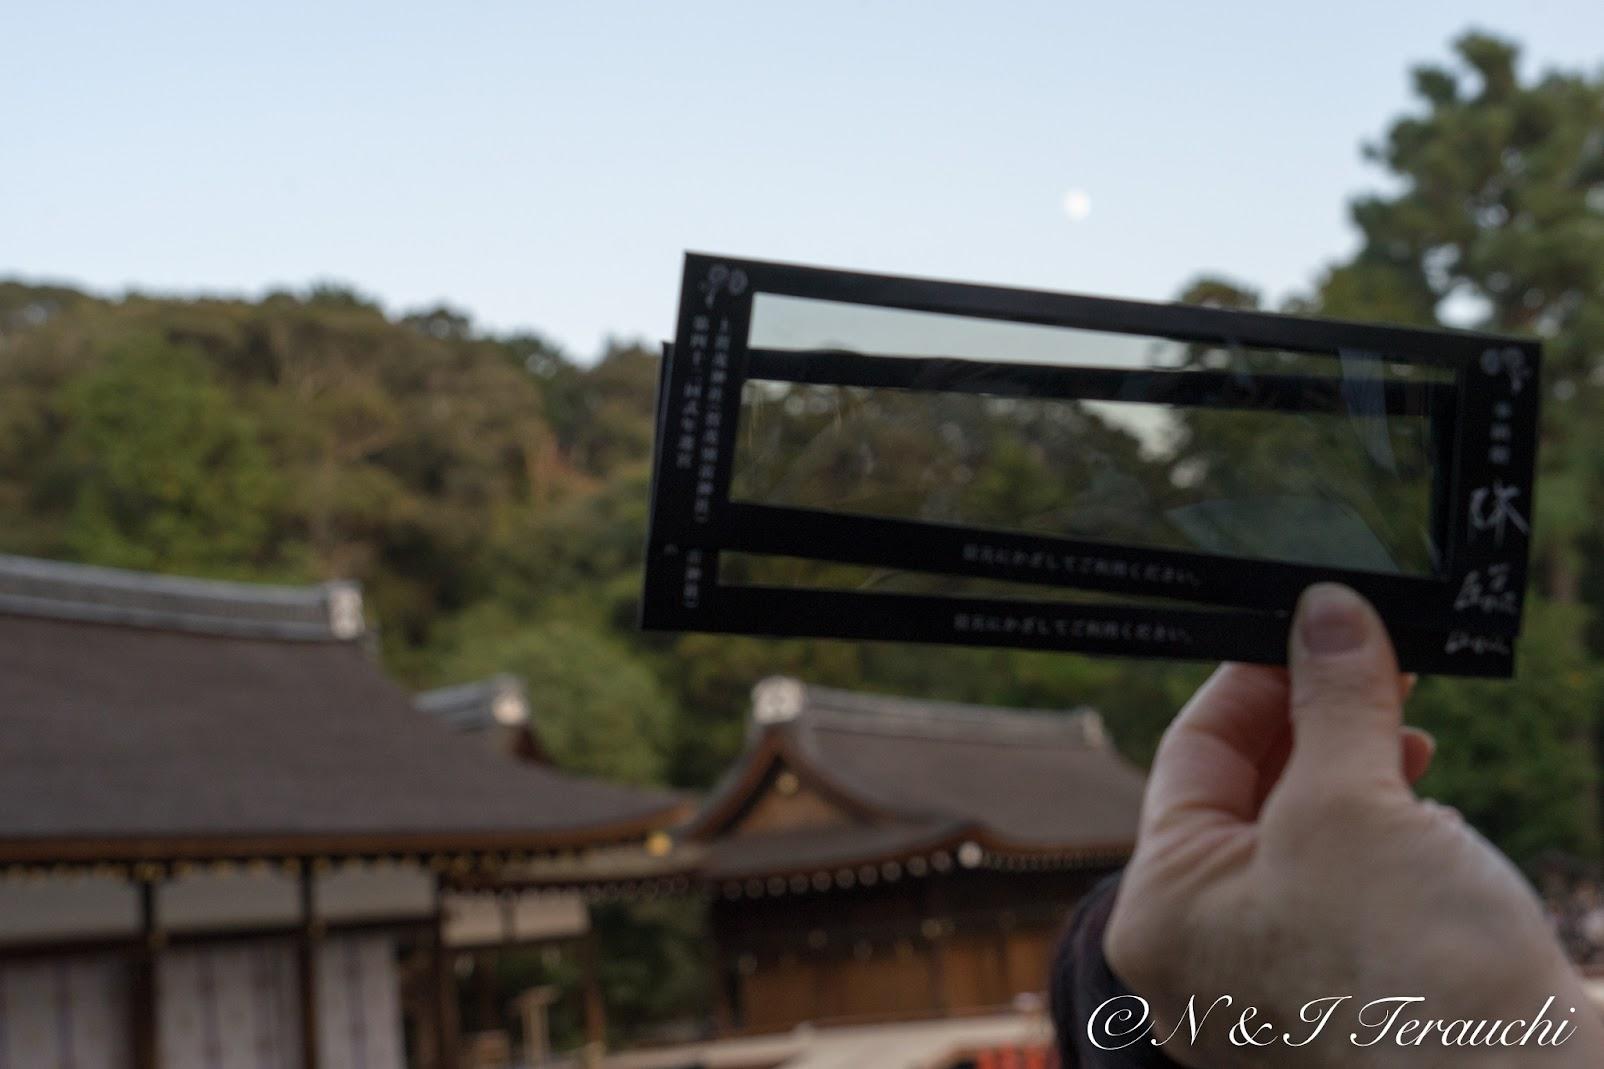 クライマックスシーンに使用された偏光フィルム板